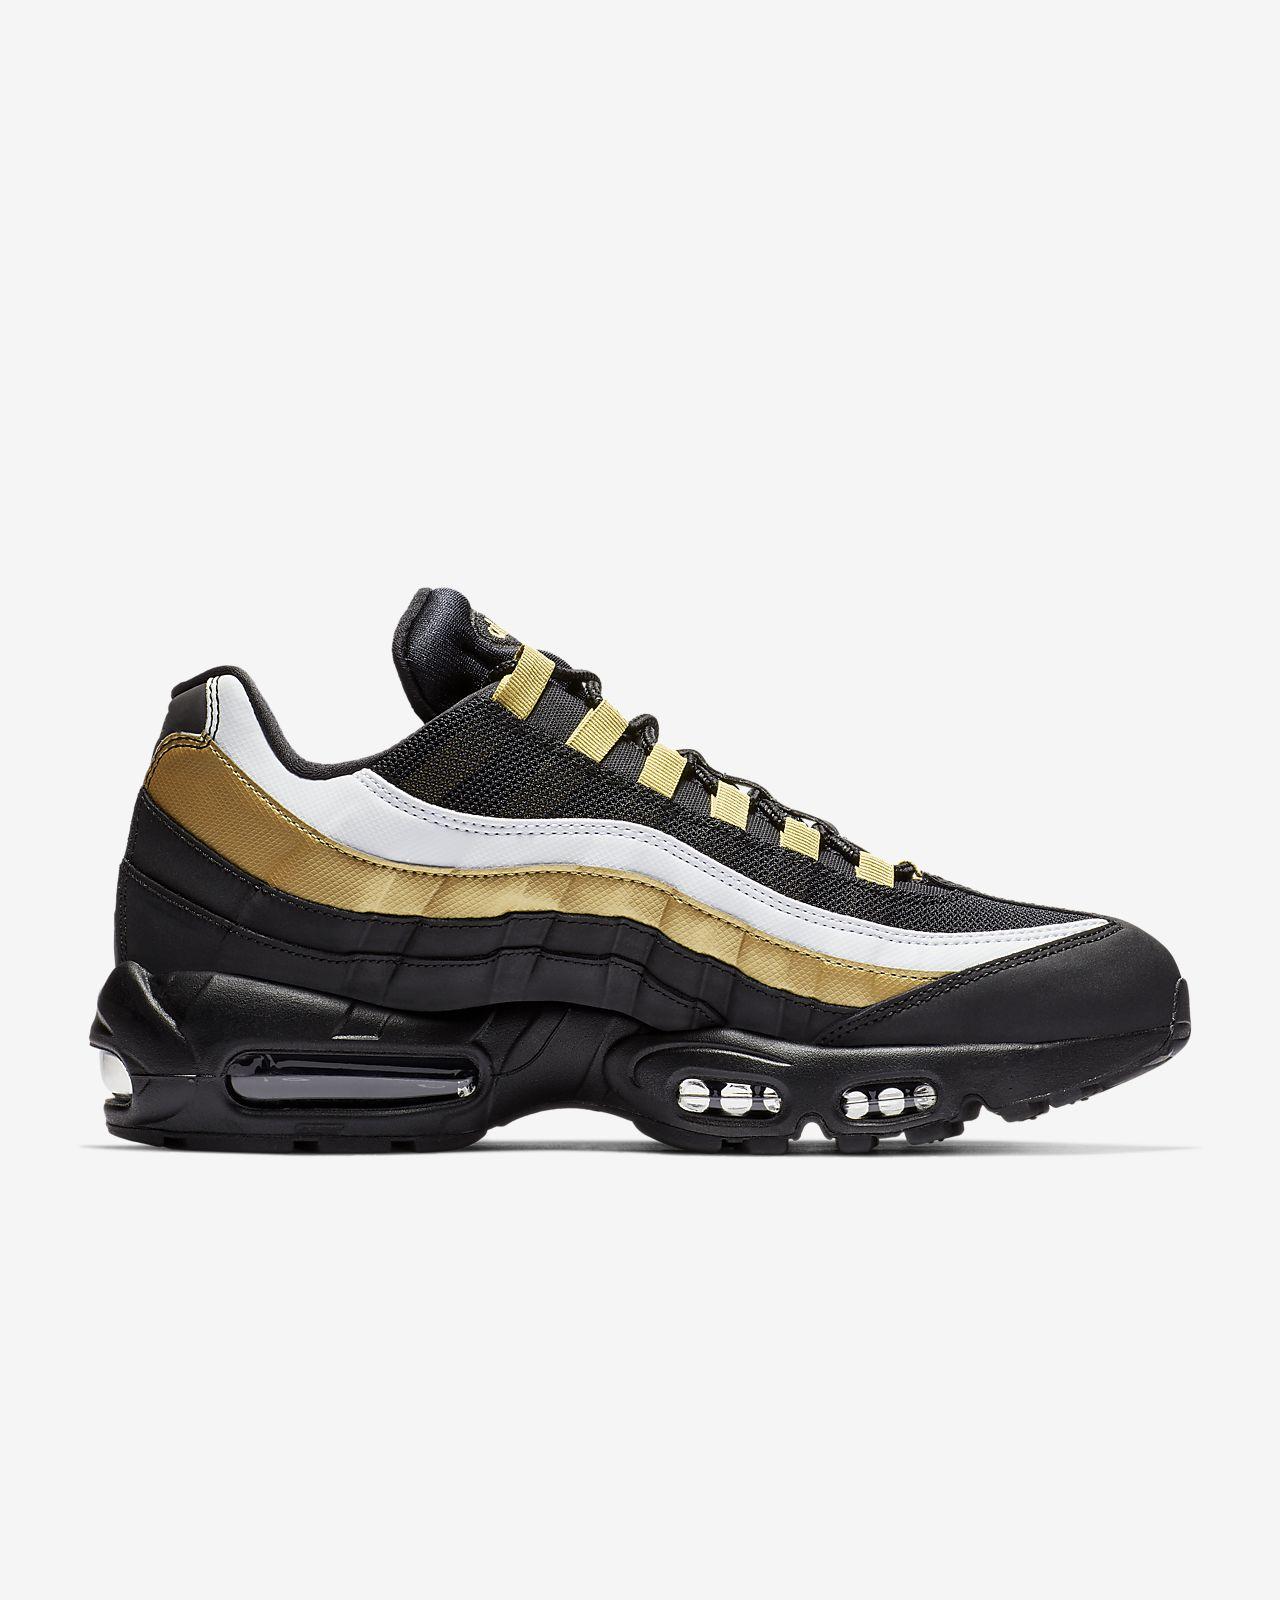 ad02ec904 Nike Air Max 95 OG Shoe. Nike.com PT